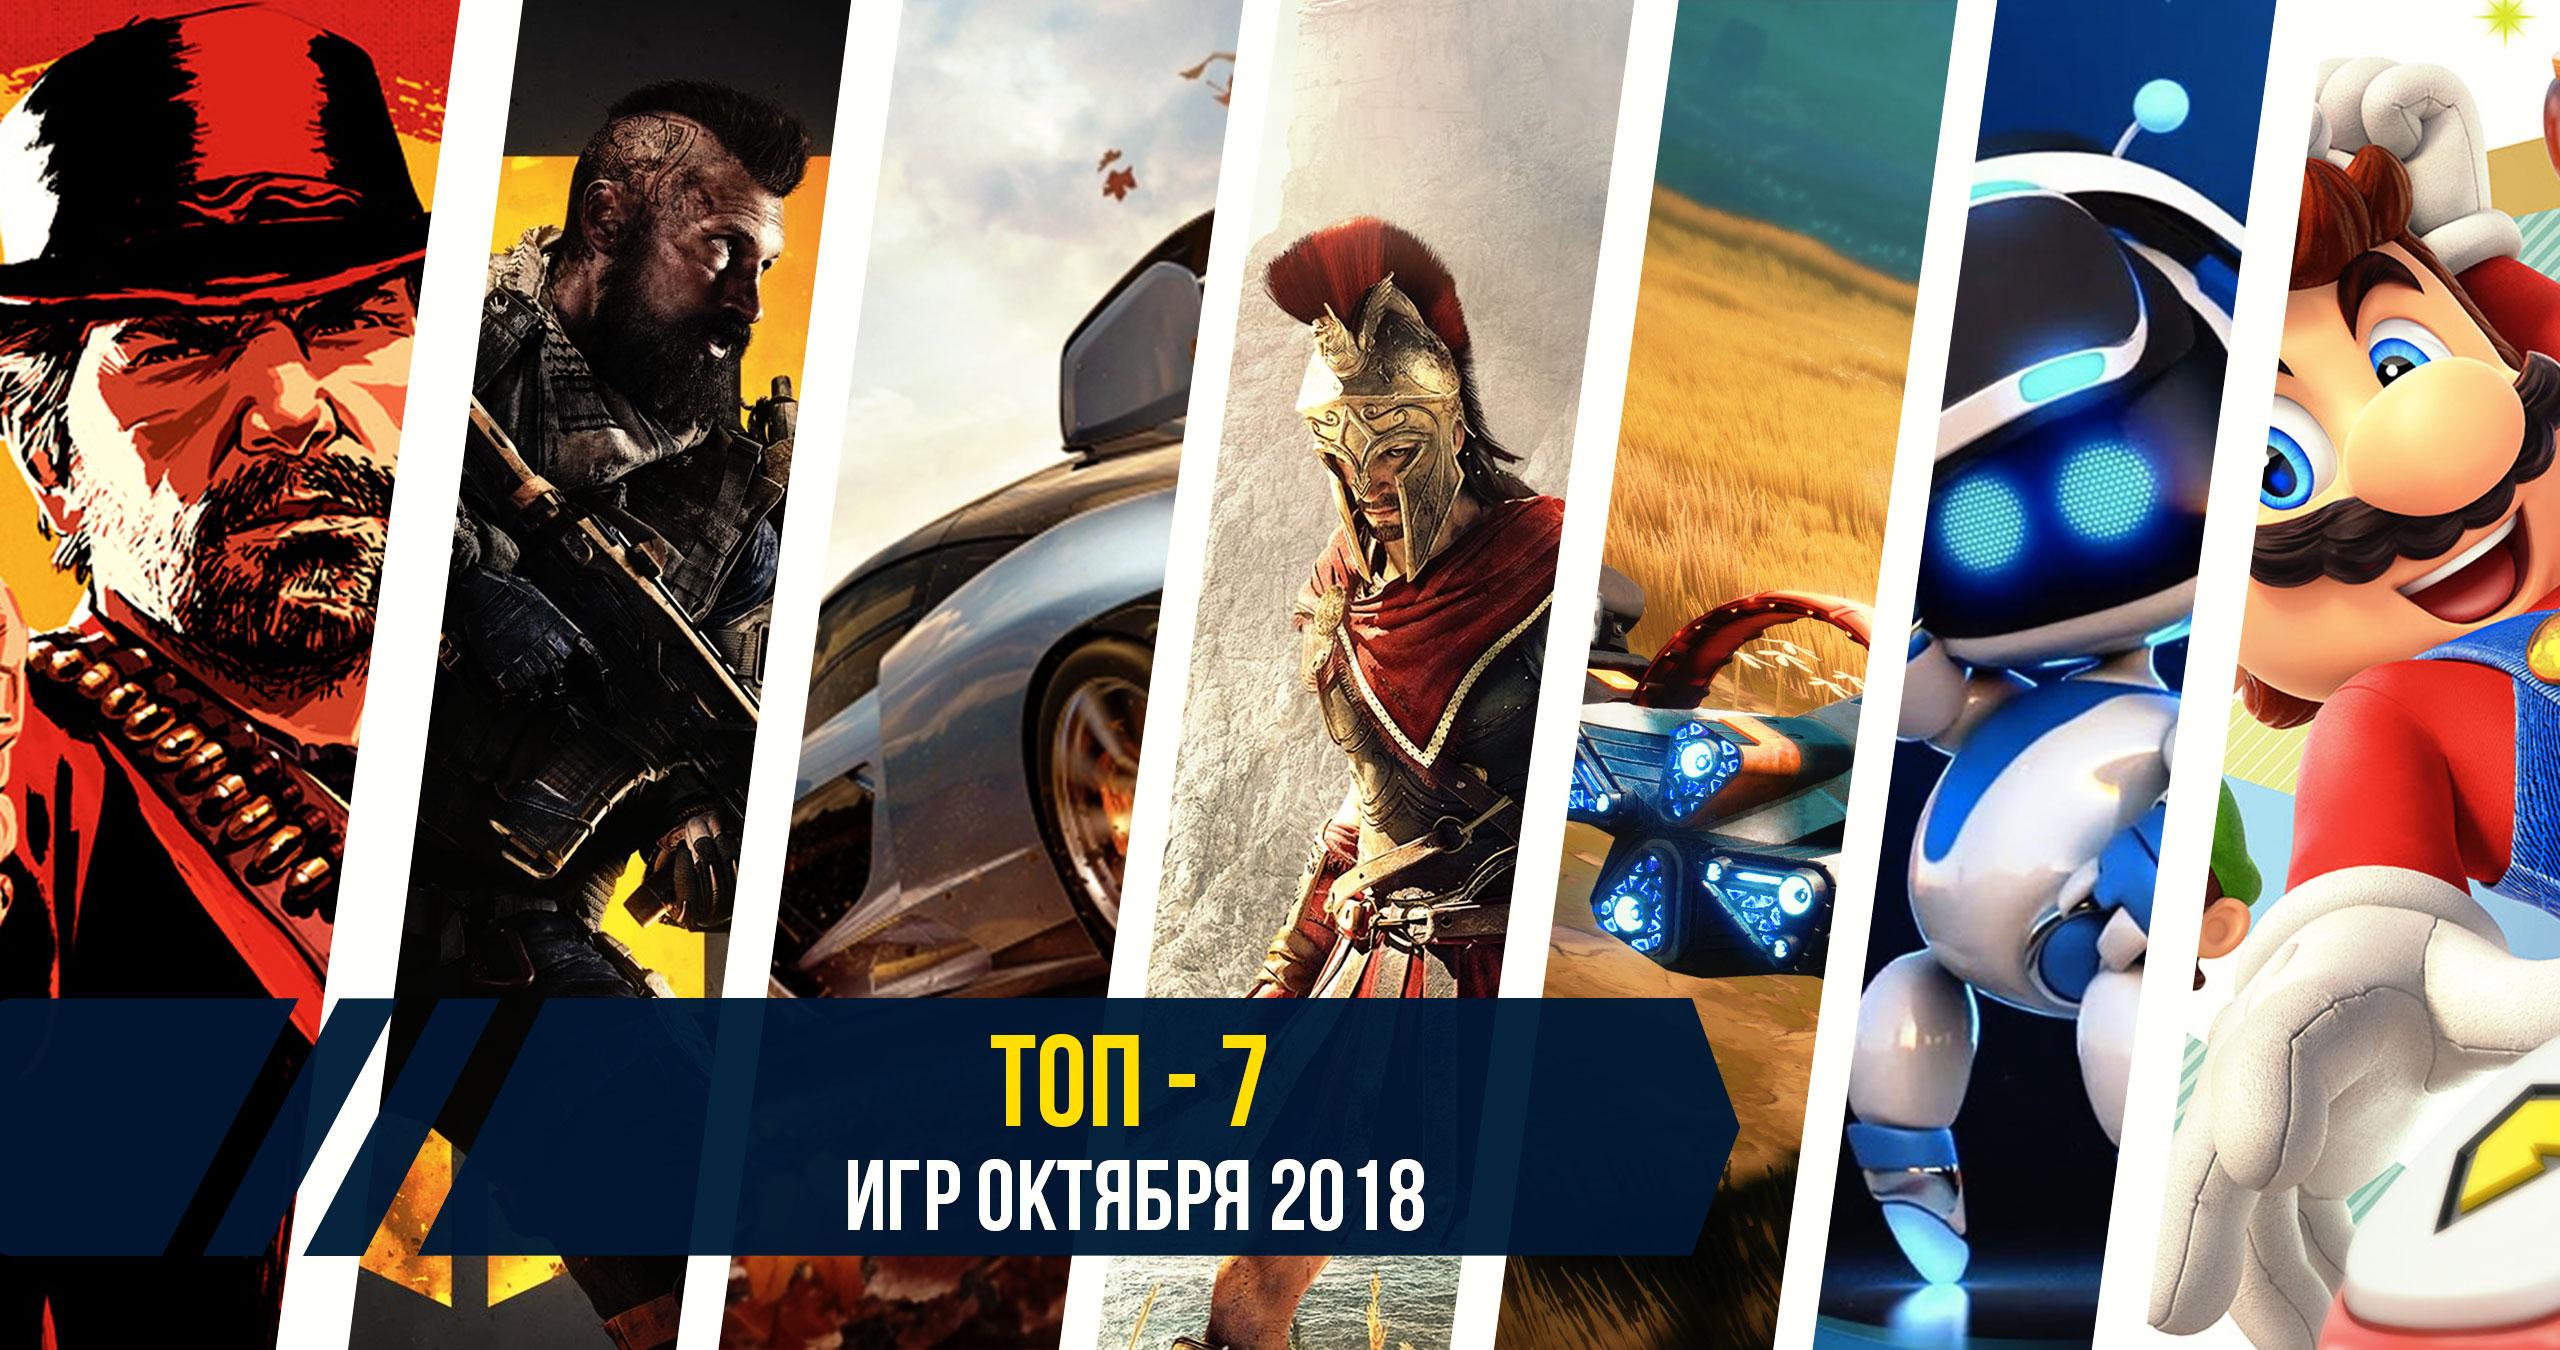 Топ 7 игр октября 2018 года